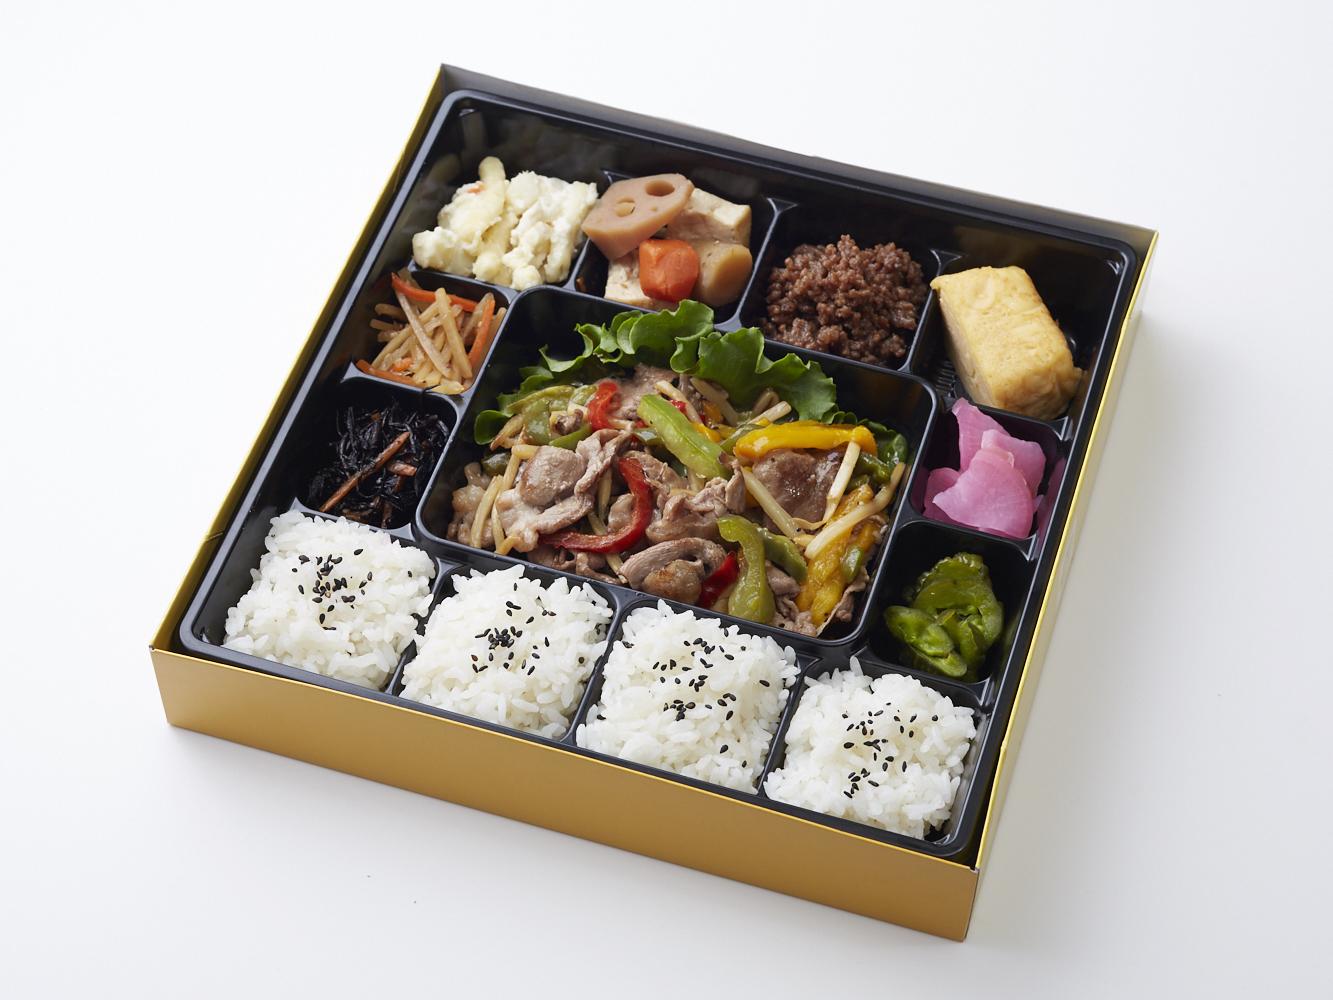 総州三元豚白王バラ肉と彩り野菜の塩ダレ炒めゆず胡椒弁当